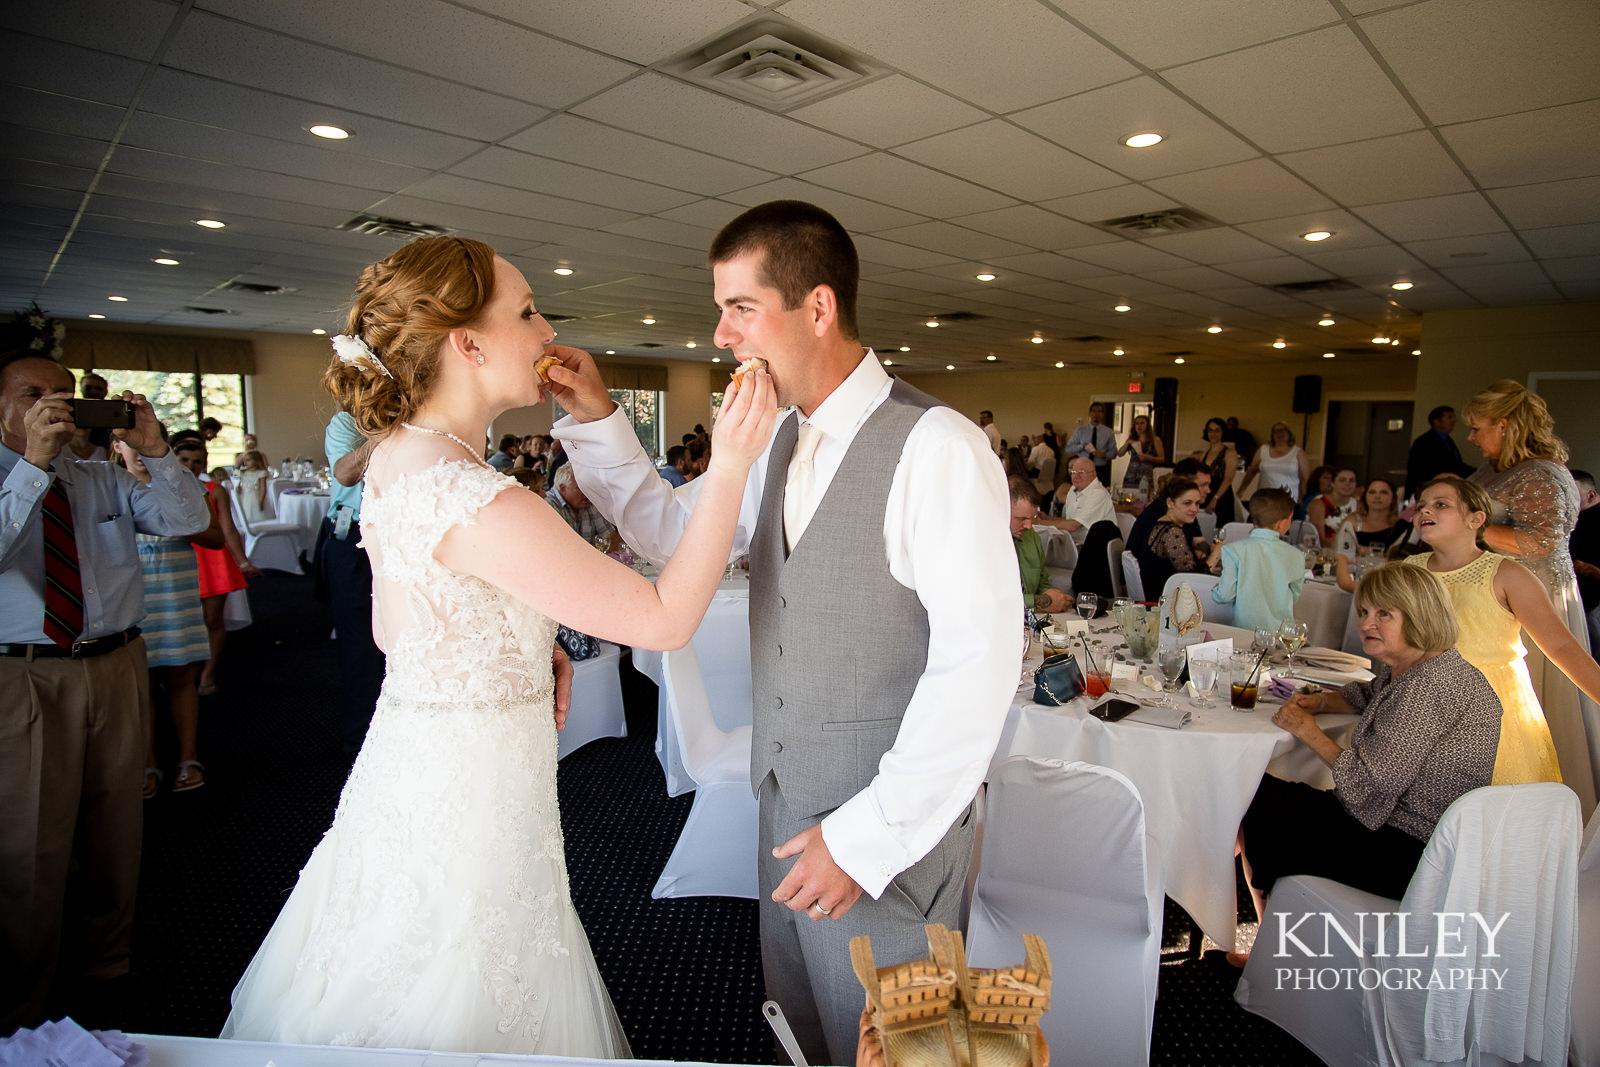 096 - Sodus Bay Heights Golf Club Wedding Pictures -XT2B5951.jpg